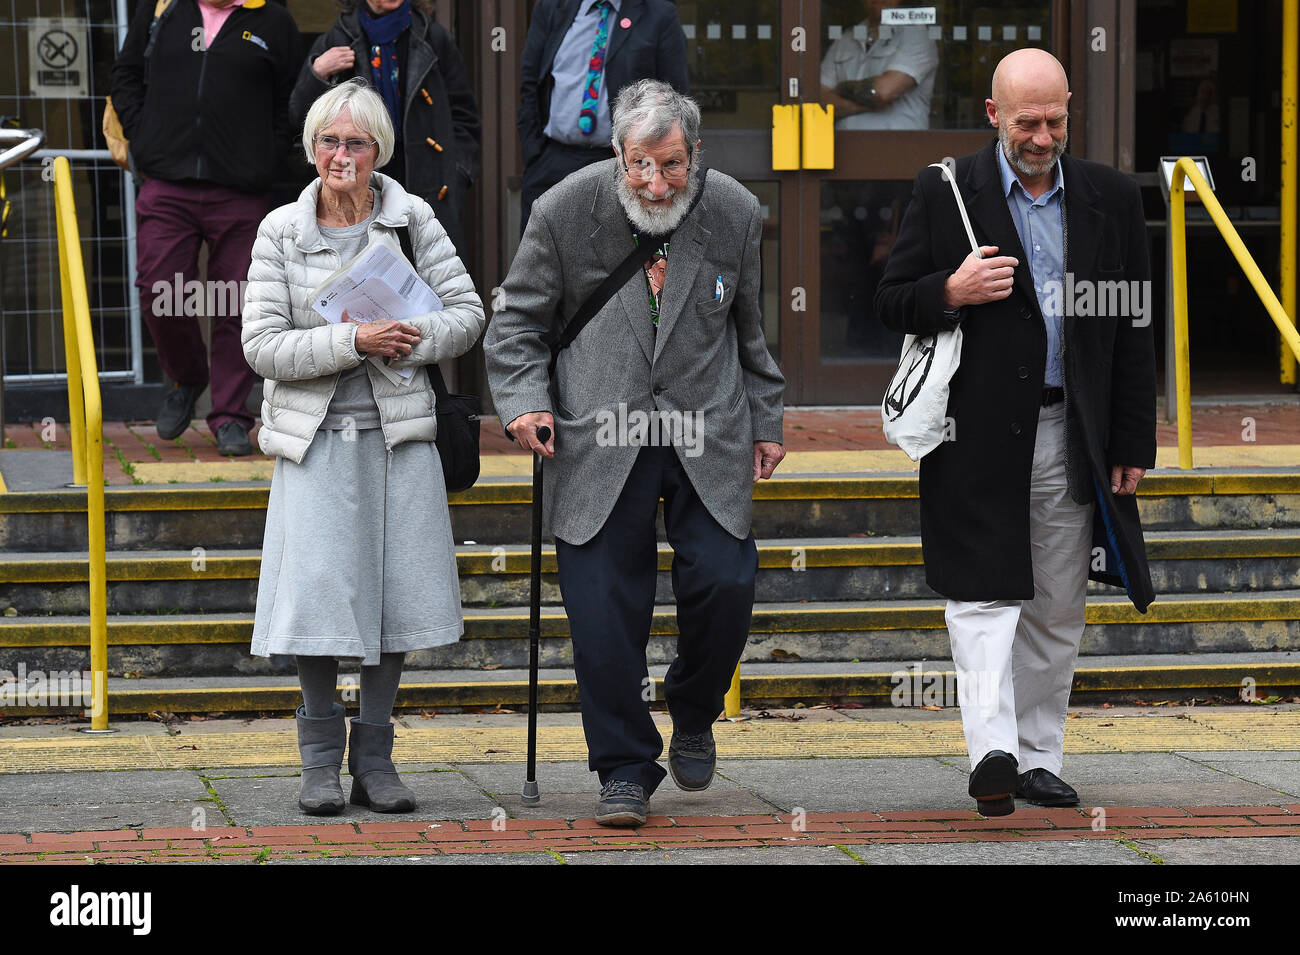 (De gauche à droite) l'extinction des militants rébellion Ursula Pethick, 83, John Alexander Lynes, 91, et John Halladay, 61, laisser Coquelles Magistrates Court dans le Kent, à la suite d'un blocage du port de Douvres, le mois dernier. Banque D'Images